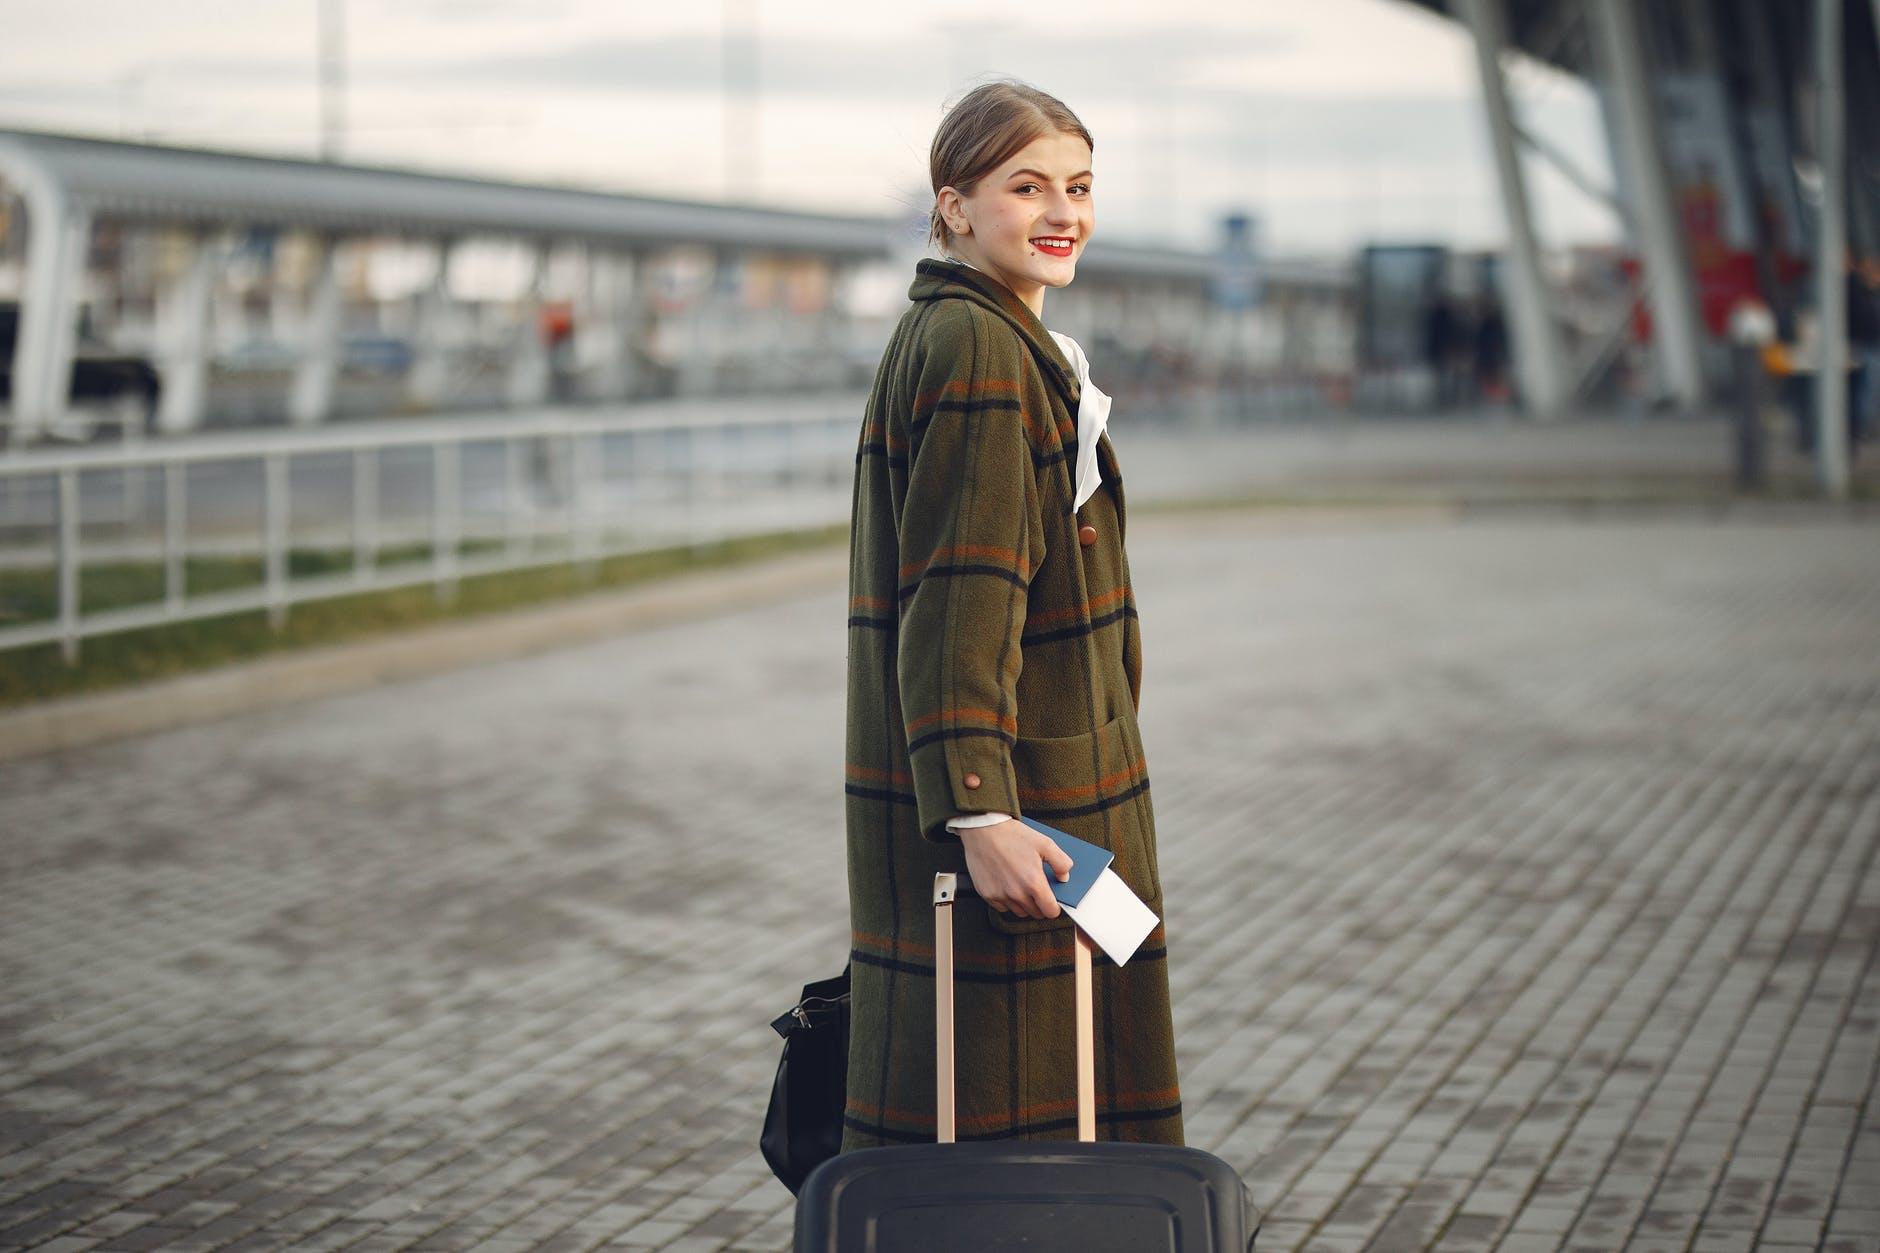 Yurtdışında üniversite okumanın yolları nelerdir?